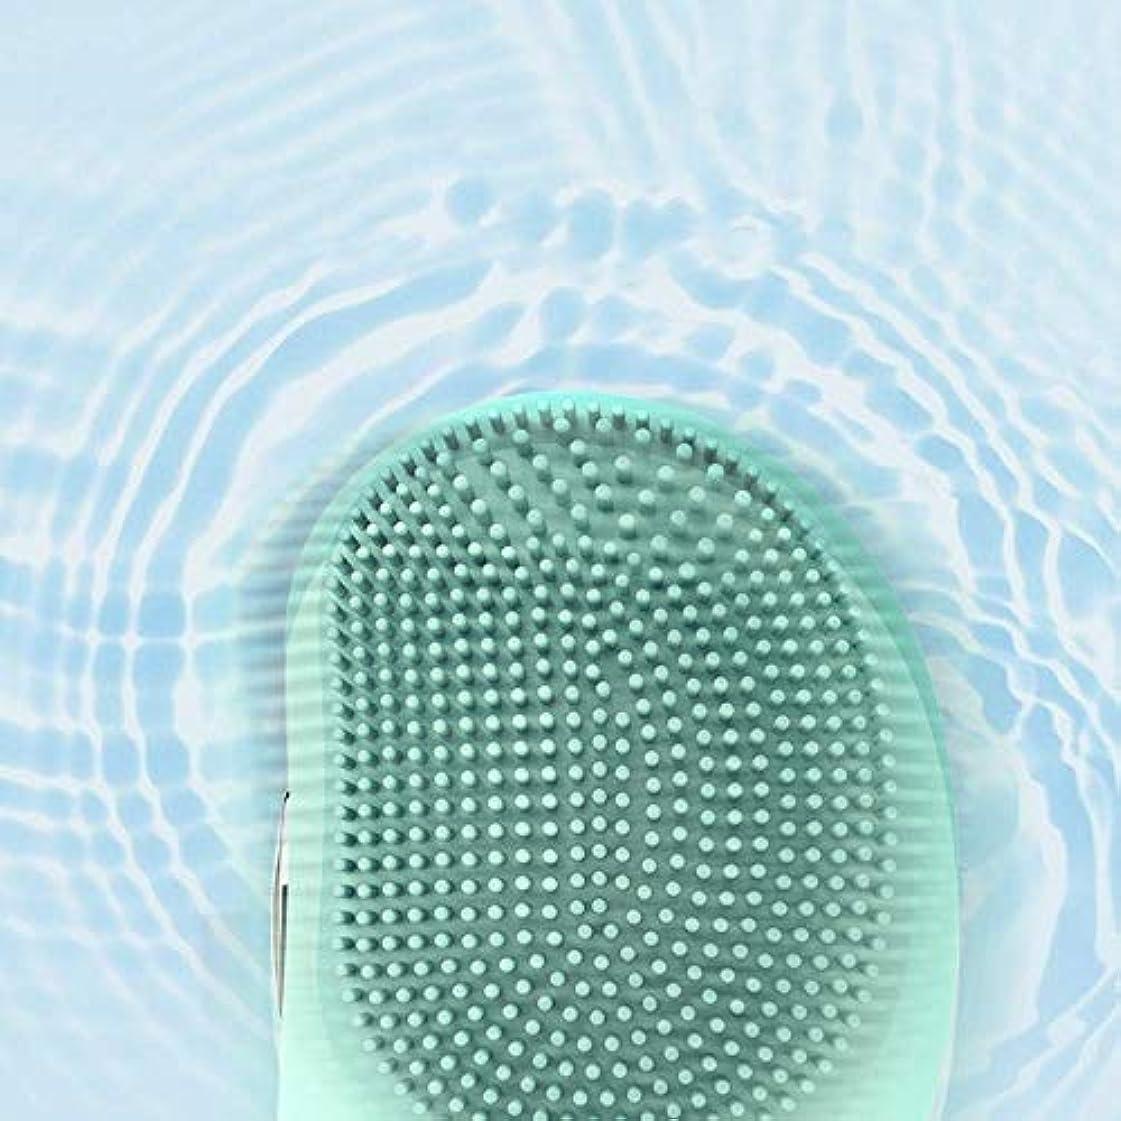 地区不機嫌父方のLYX 新エレクトリック防水シリコーンクレンジングブラシ、超音波振動ポータブルクレンジング器、マッサージ器、美容機器、家庭用クリーナーデトックスクリーニングブラシ (Color : 青)